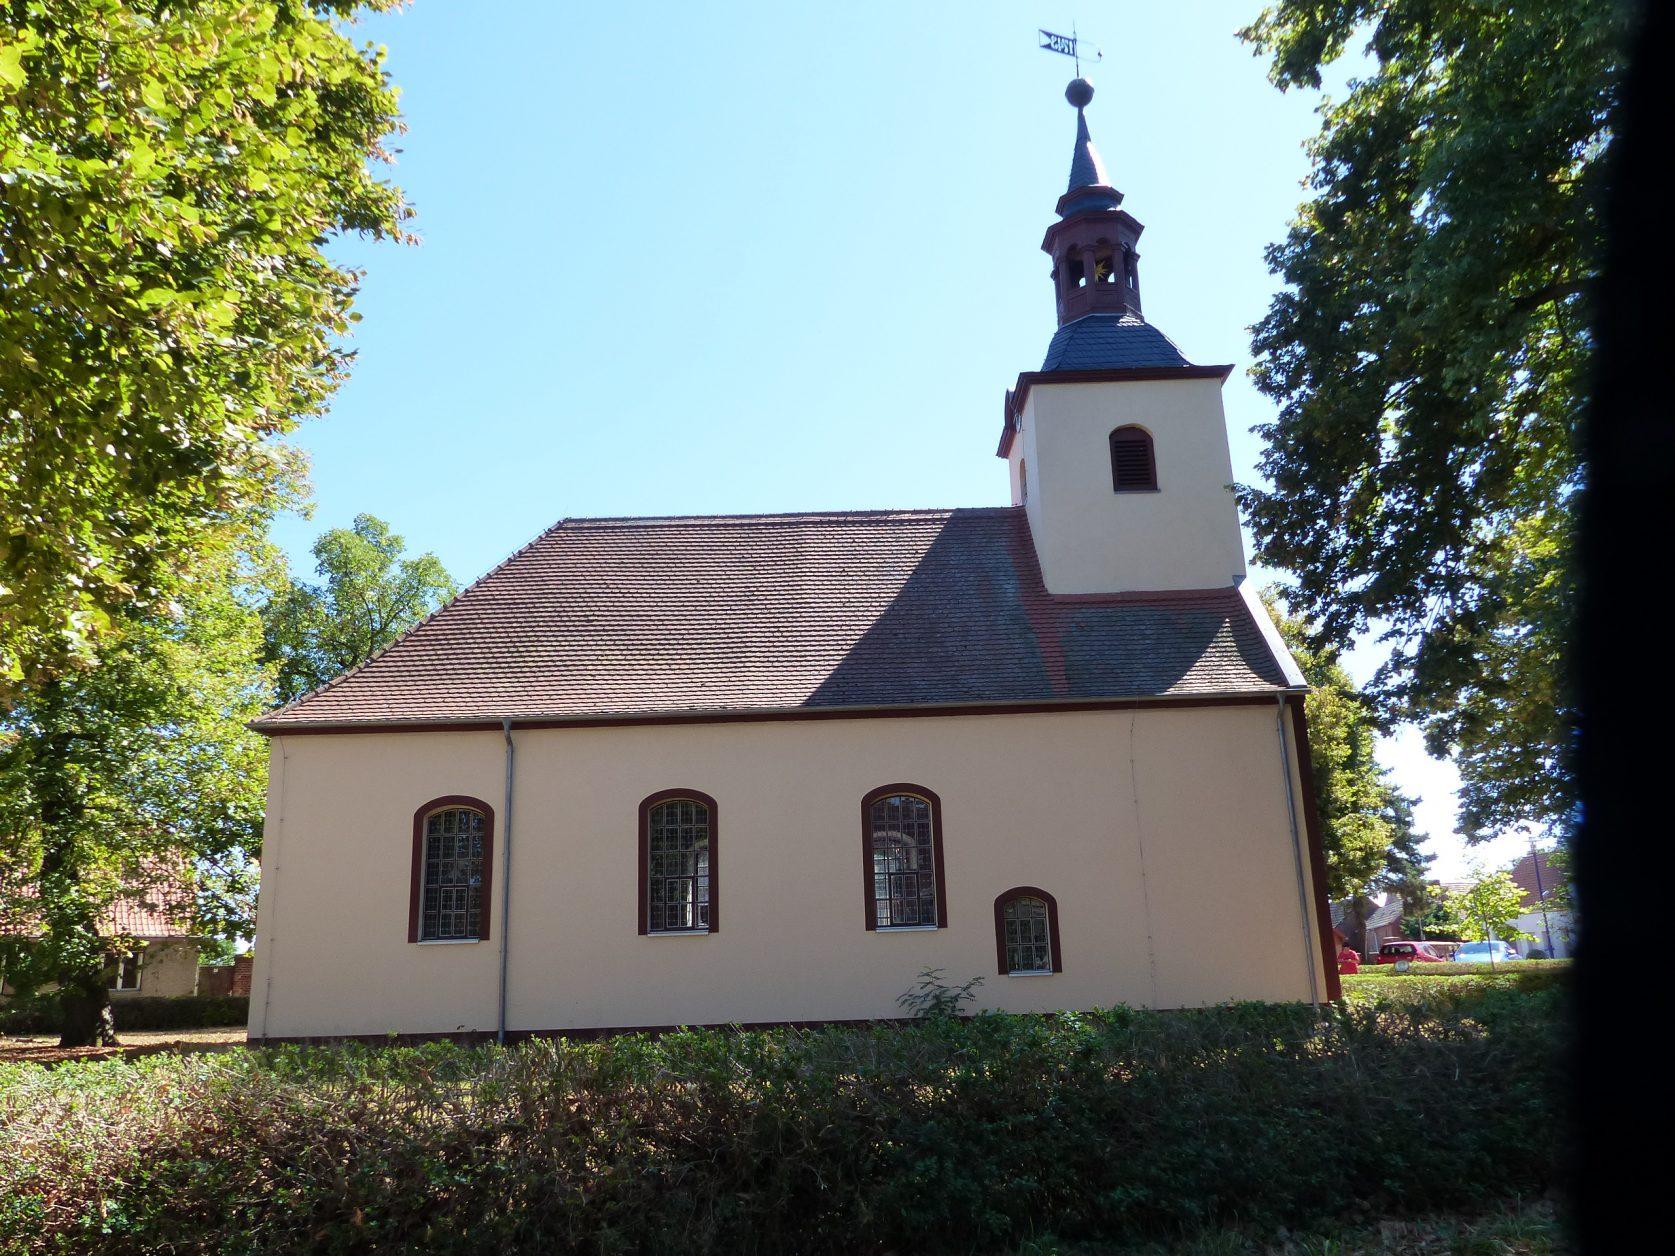 In der Dorfkirche hat Elisabeth geheiratet, Foto: Weirauch